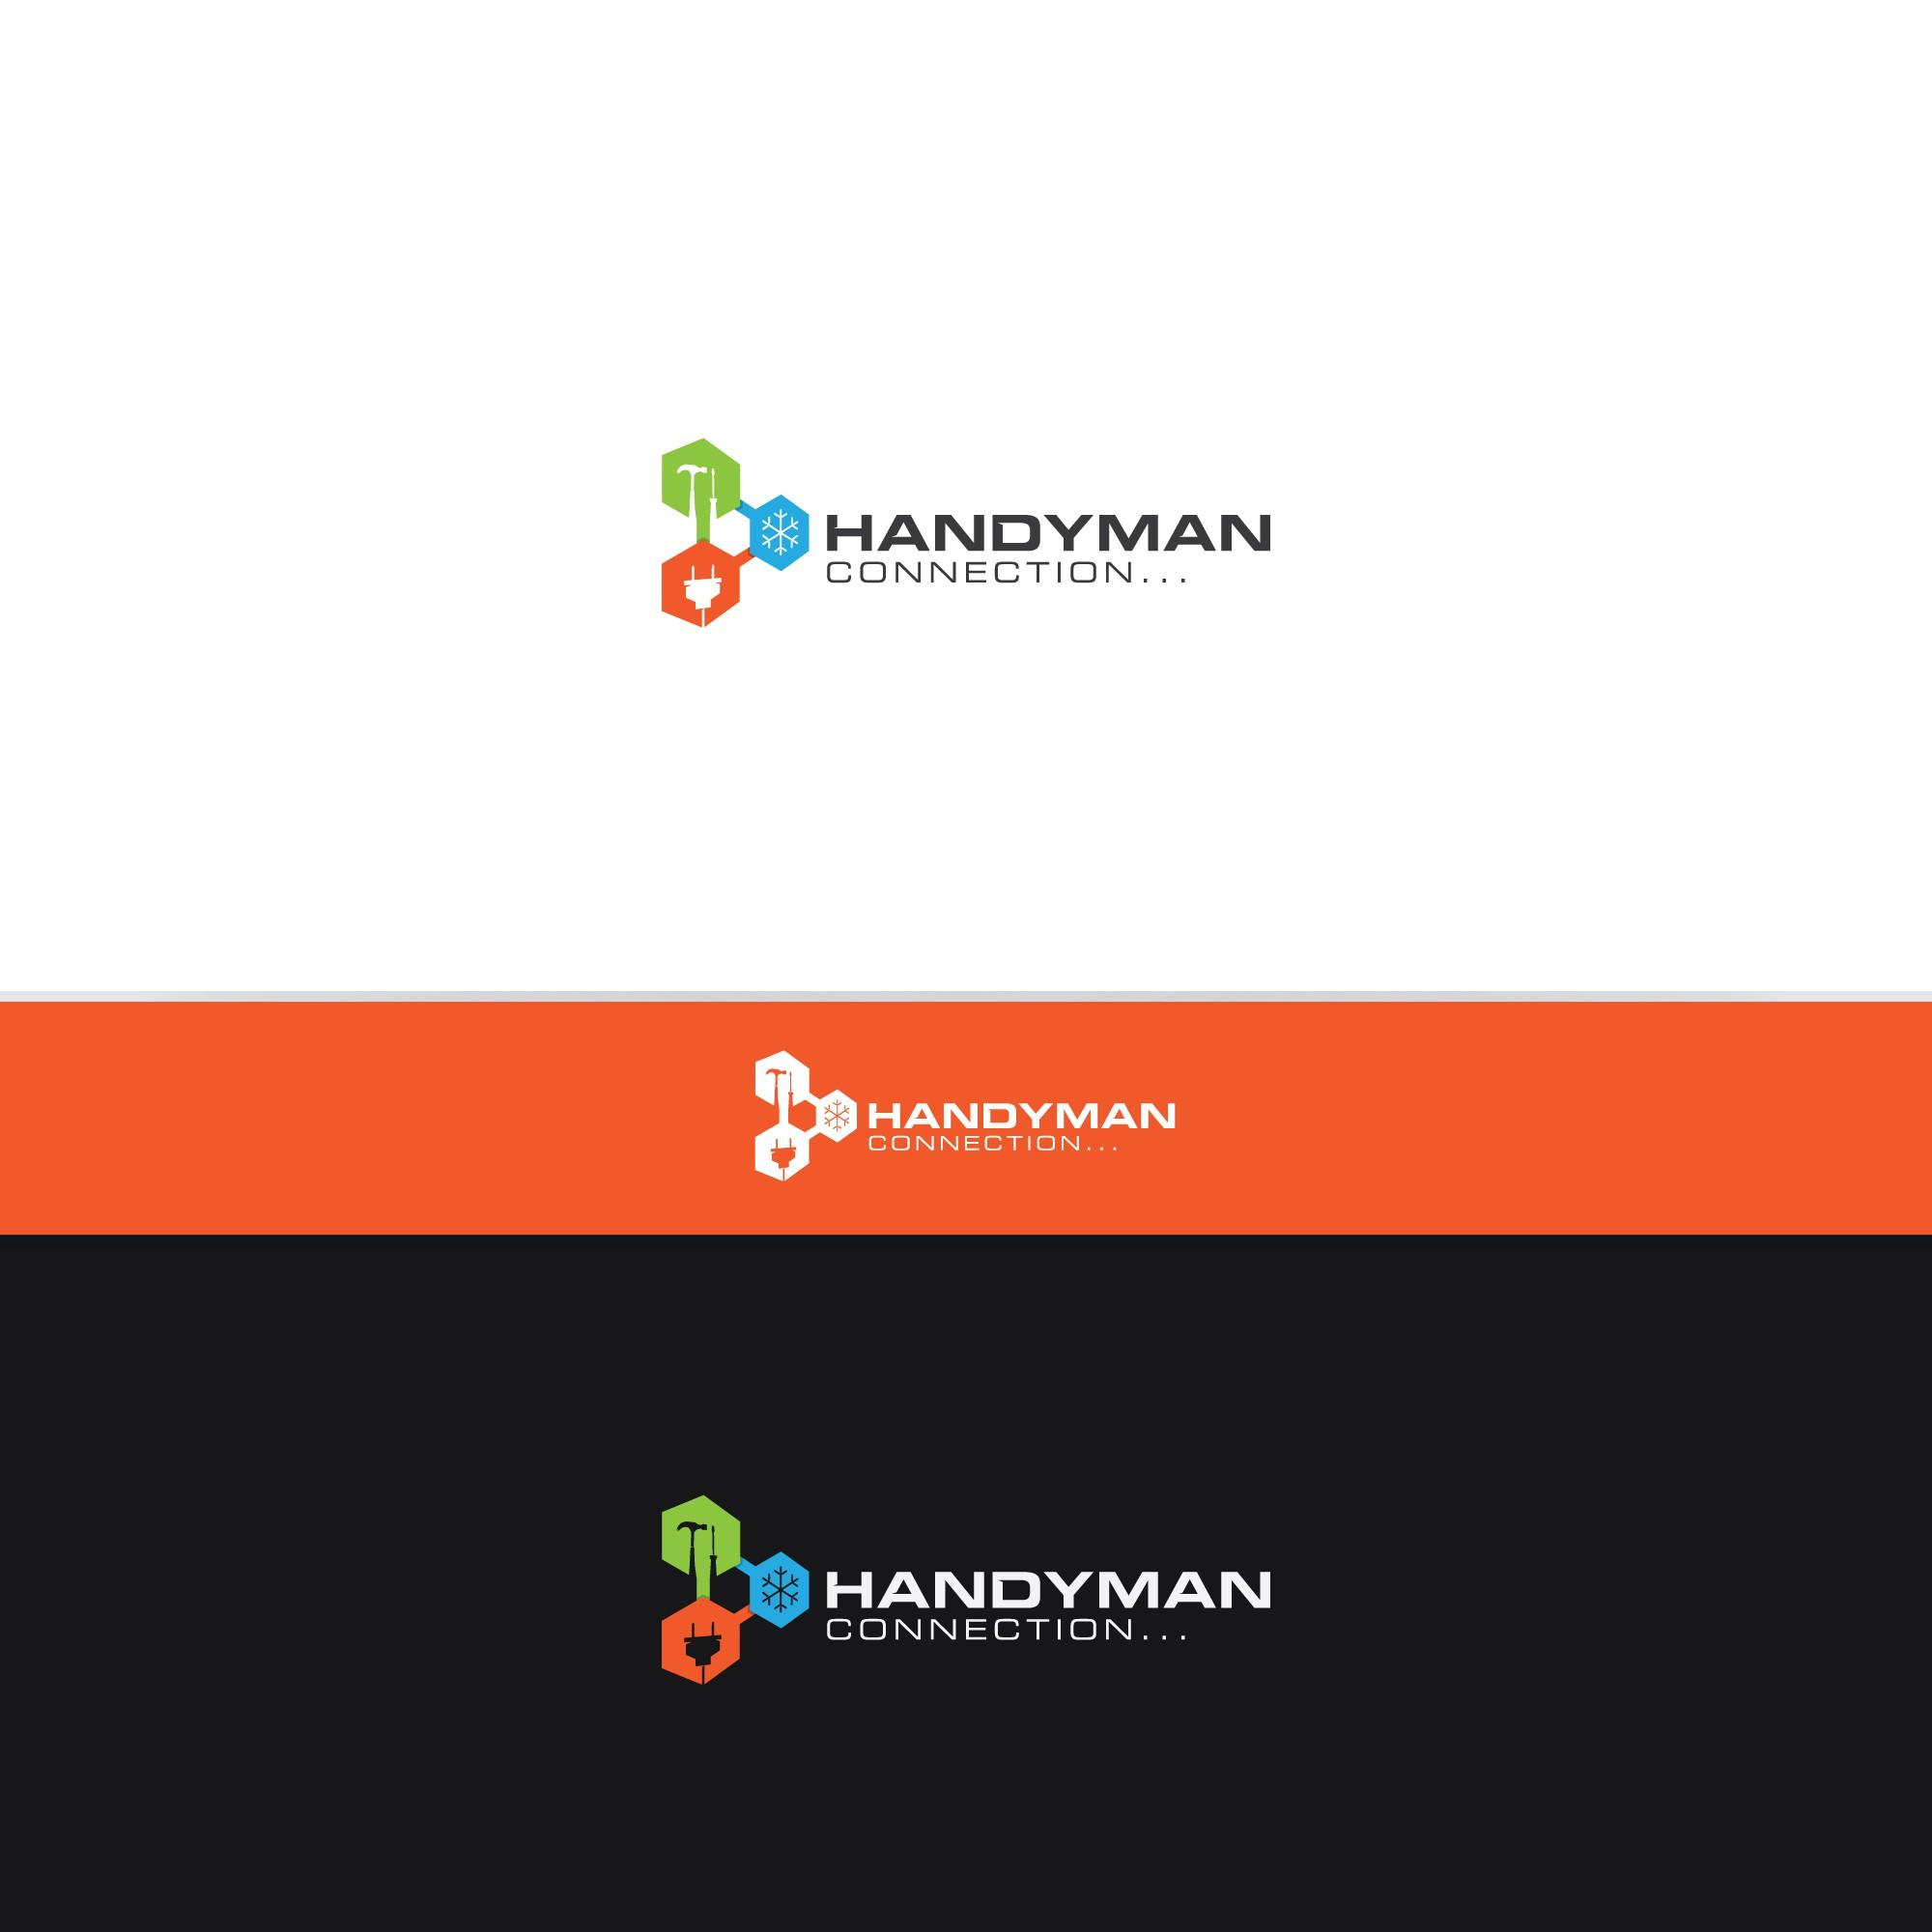 La Imagen de Handyman connection